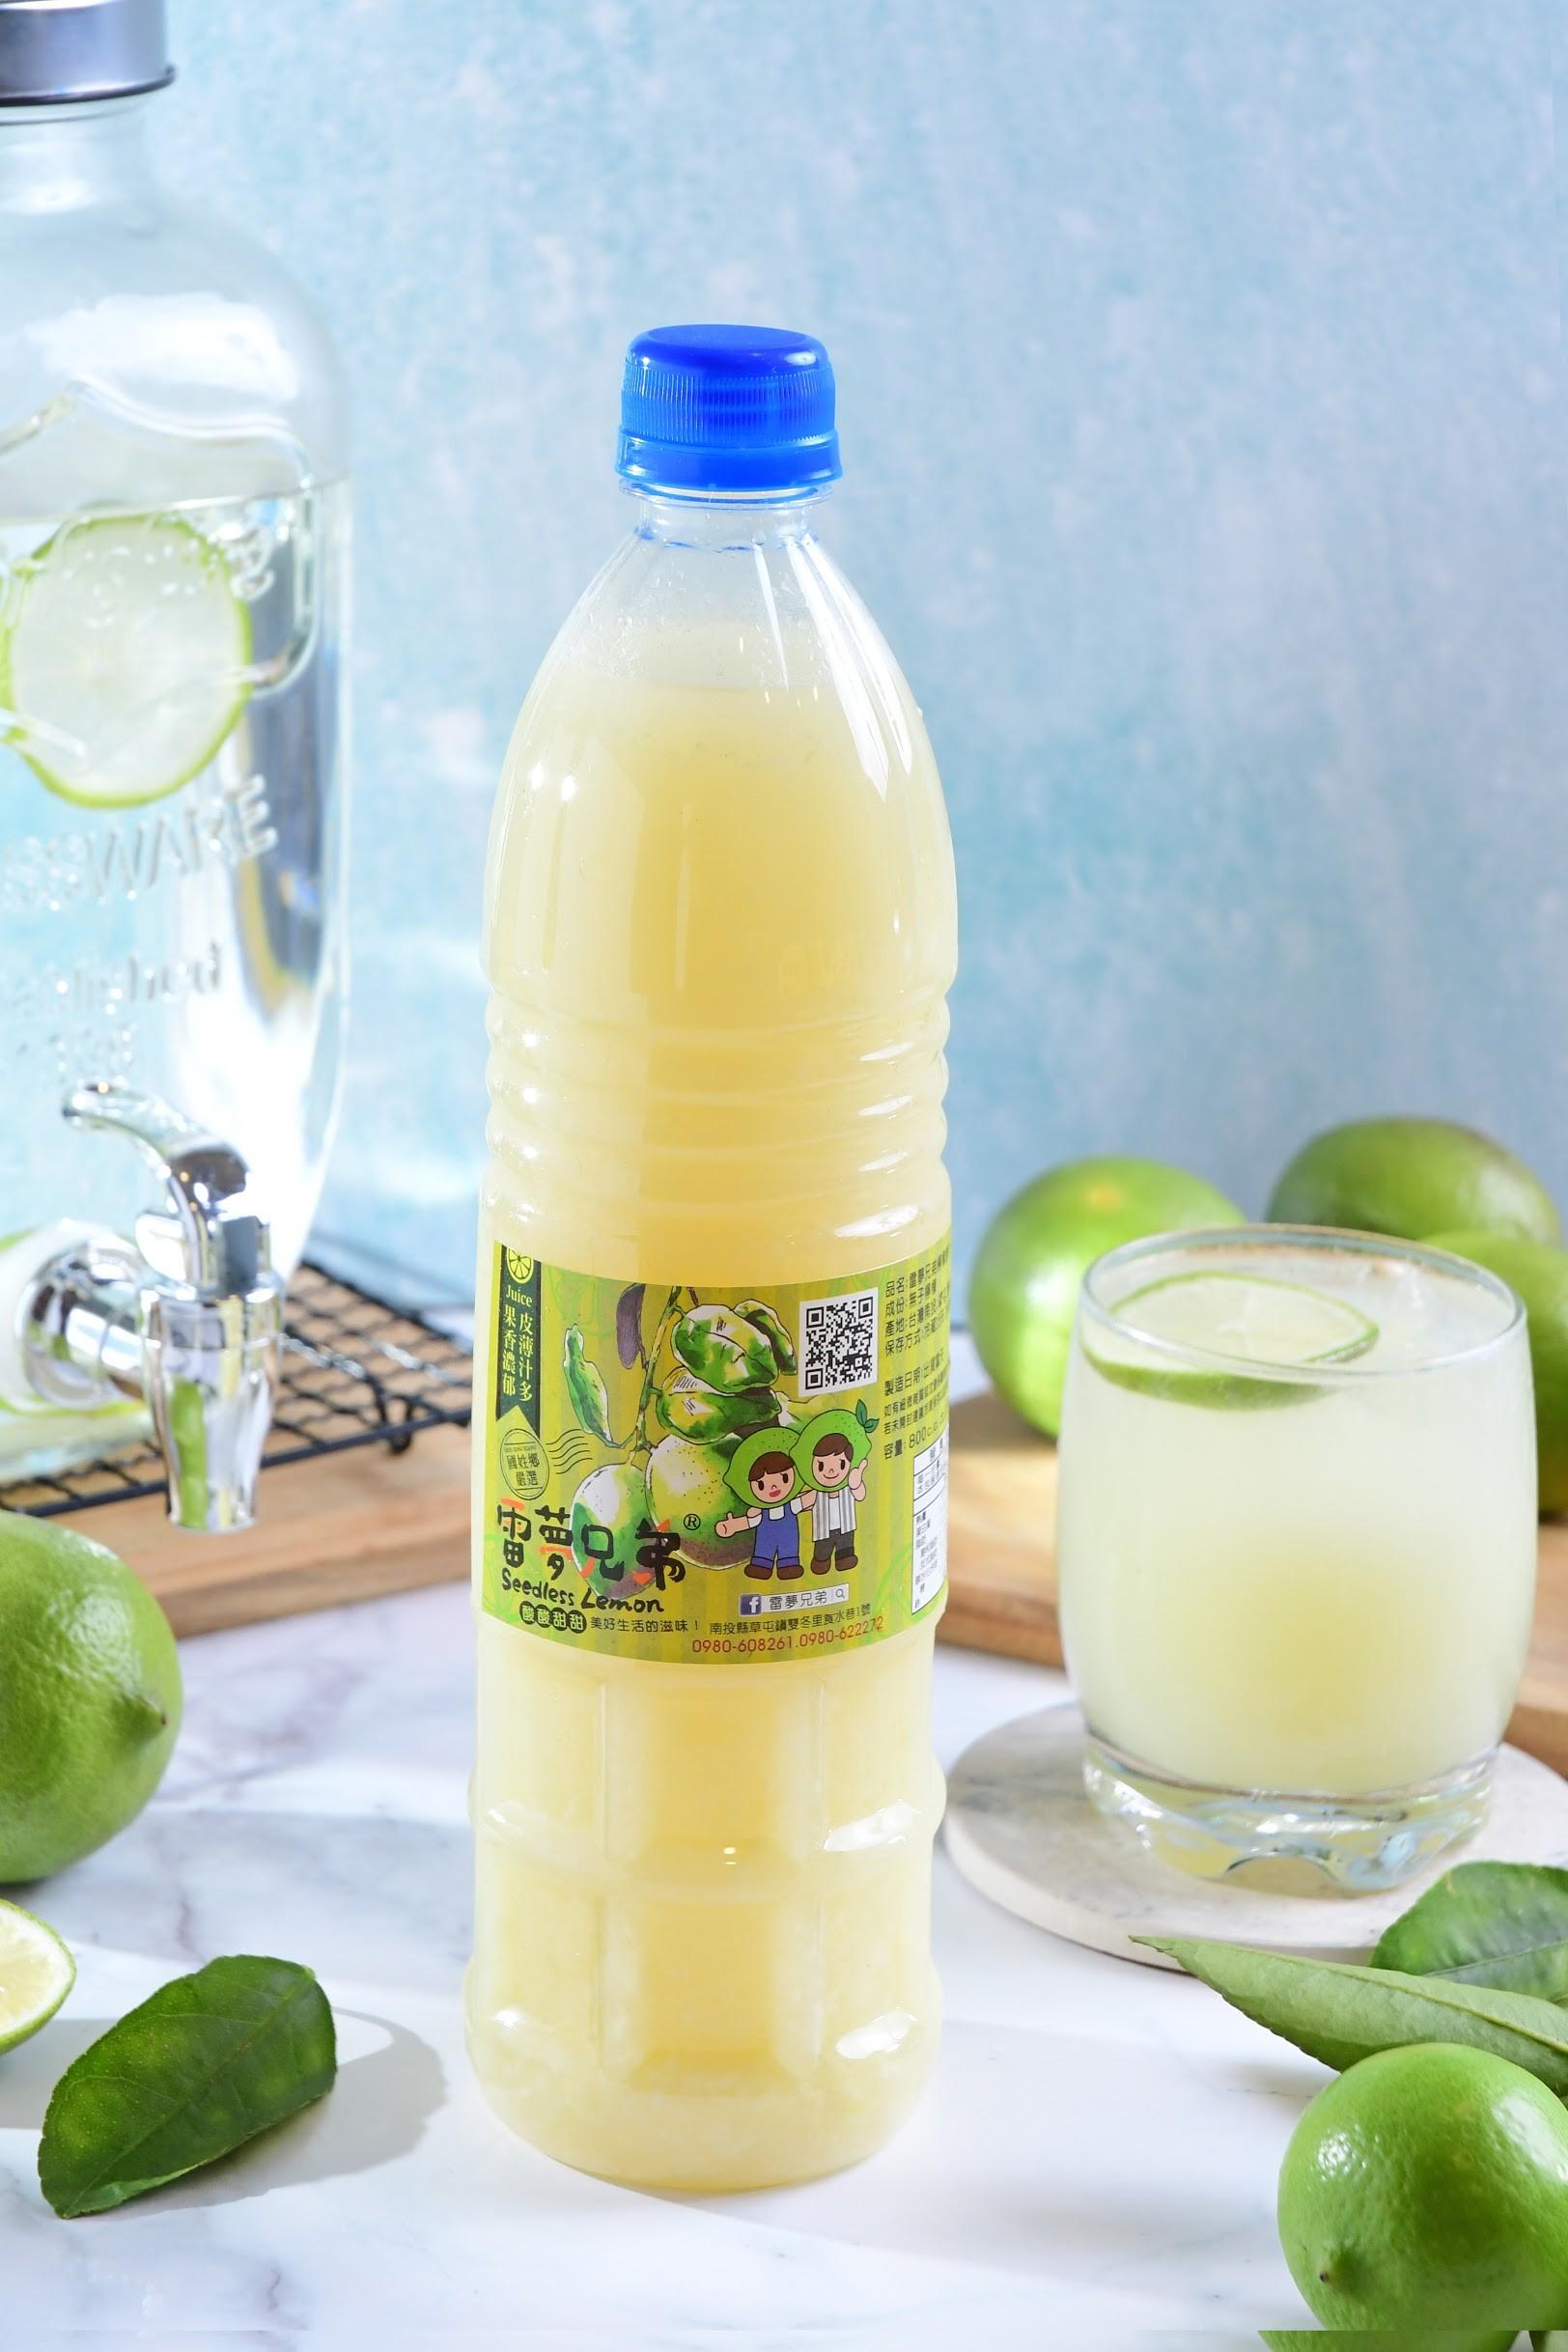 感恩回饋結帳輸入折扣碼「IU205AQRTSRP」,在打【85】折-【免運費】特價無毒檸檬原汁 | 鮮檸檬汁 | 檸檬汁 | 檸檬水 | TLS全新生活800cc(5瓶組)【塑膠瓶裝】